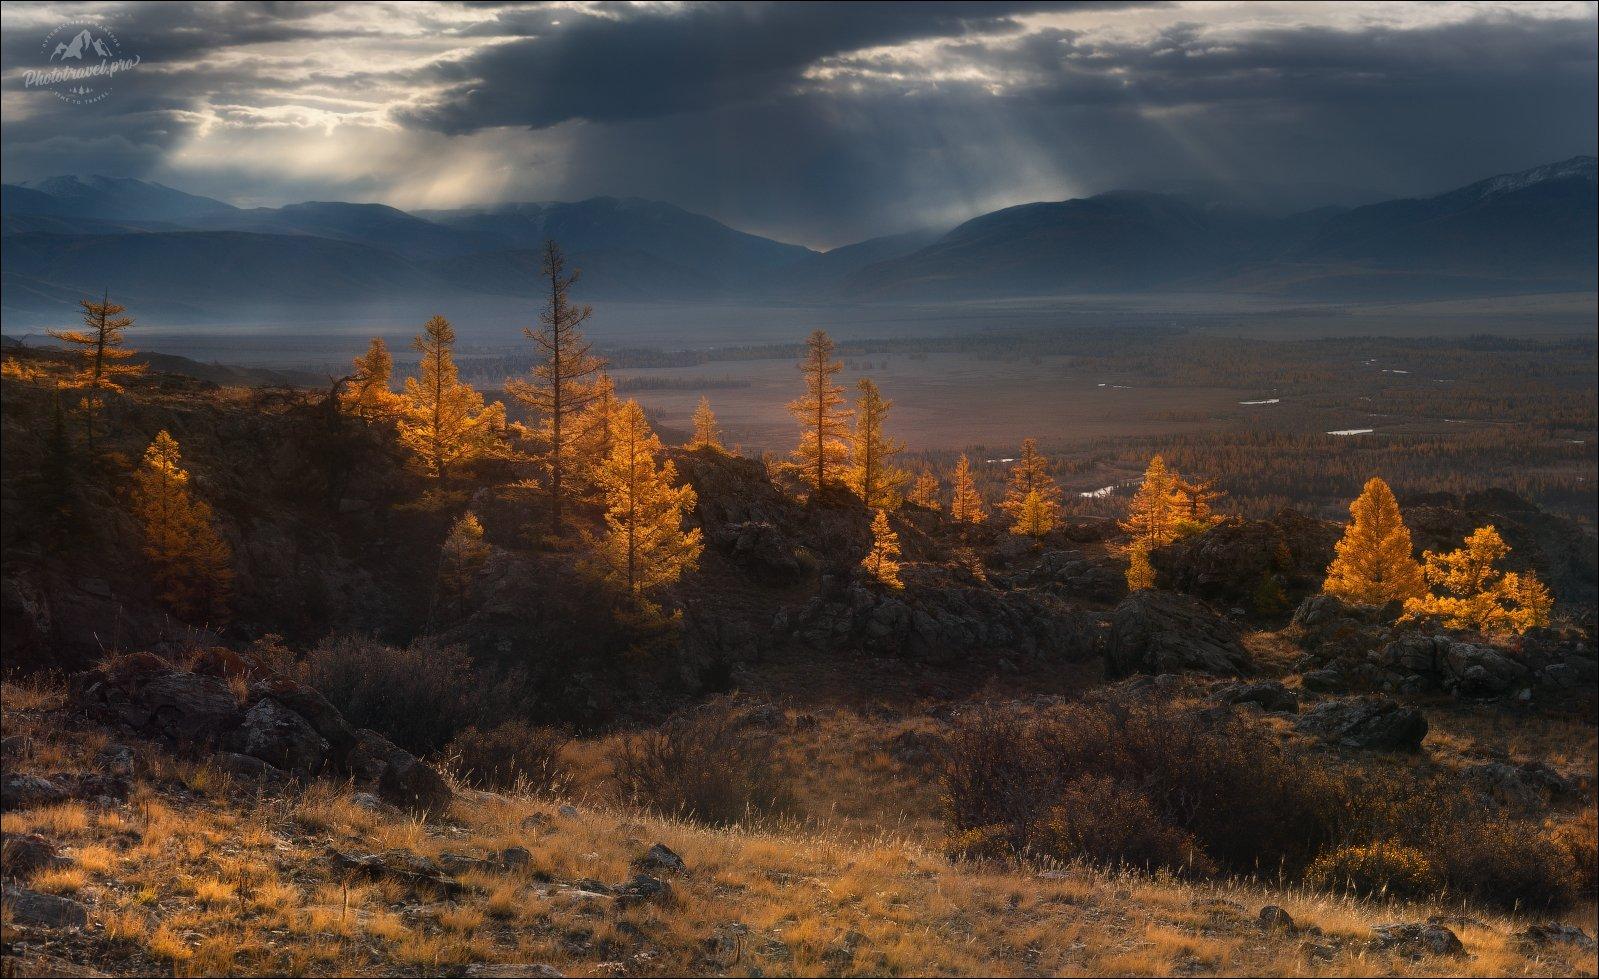 Алтай, Таджилу, Тадила, осень, Курайская степь, Курай, phototravel.pro, фототур на Алтай, Влад Соколовский